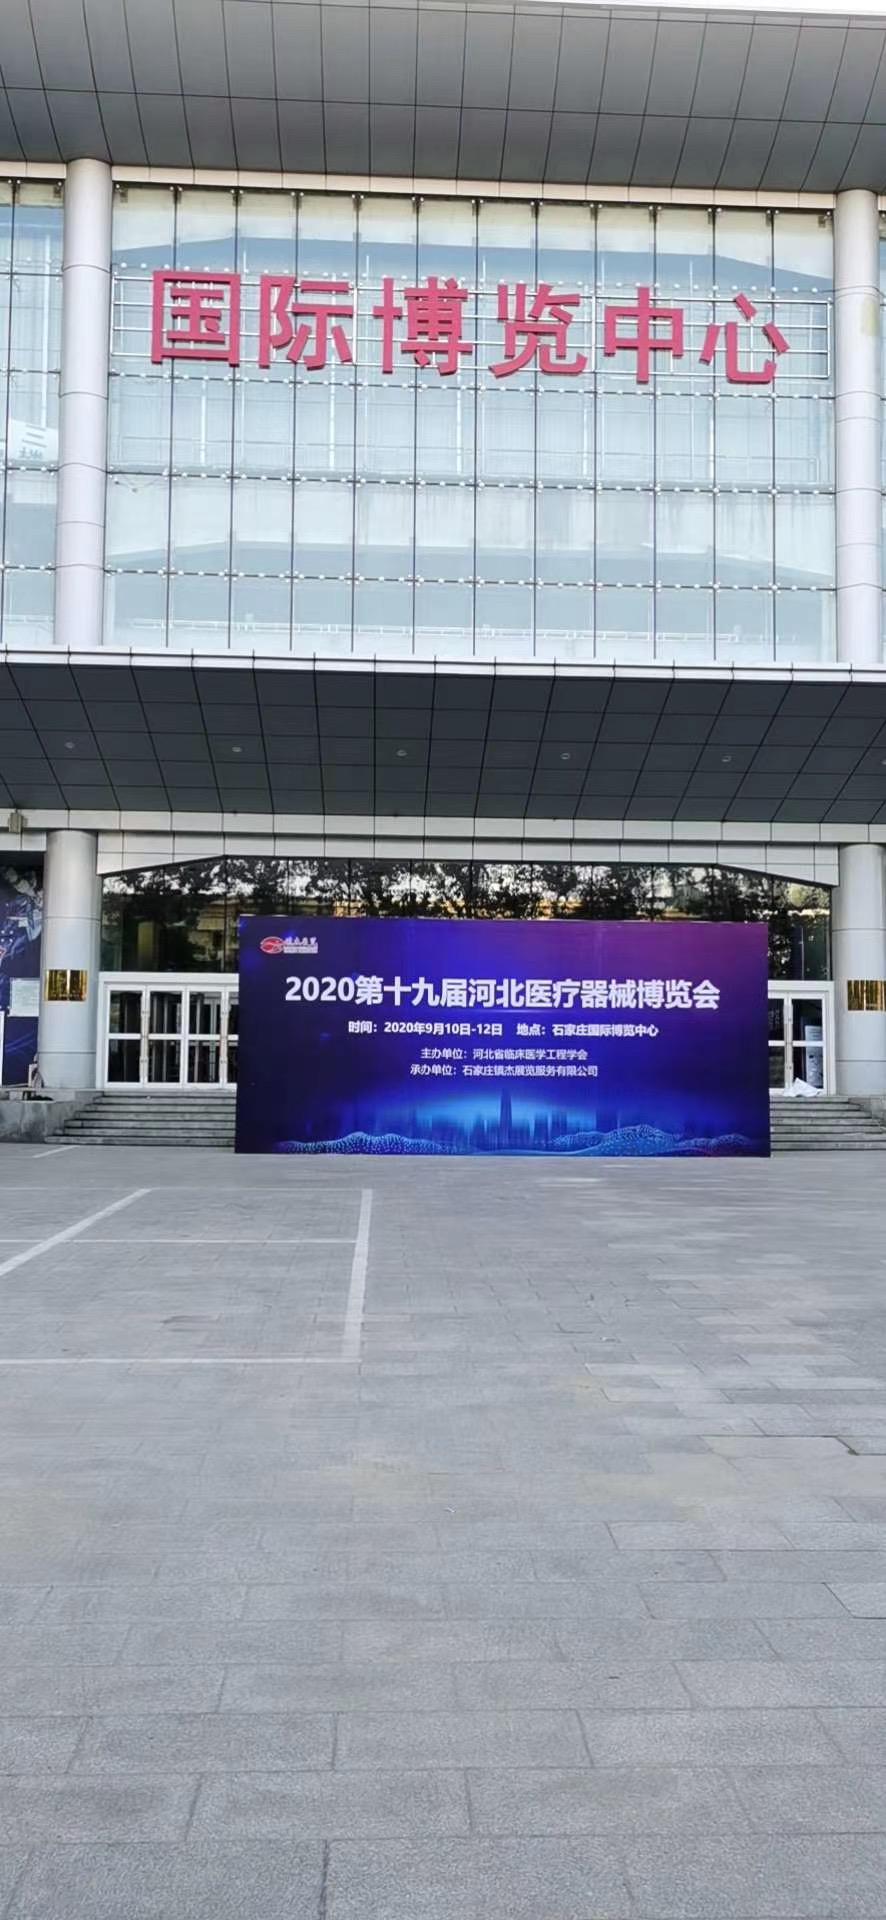 2020年第十九届河北医疗器械博览会